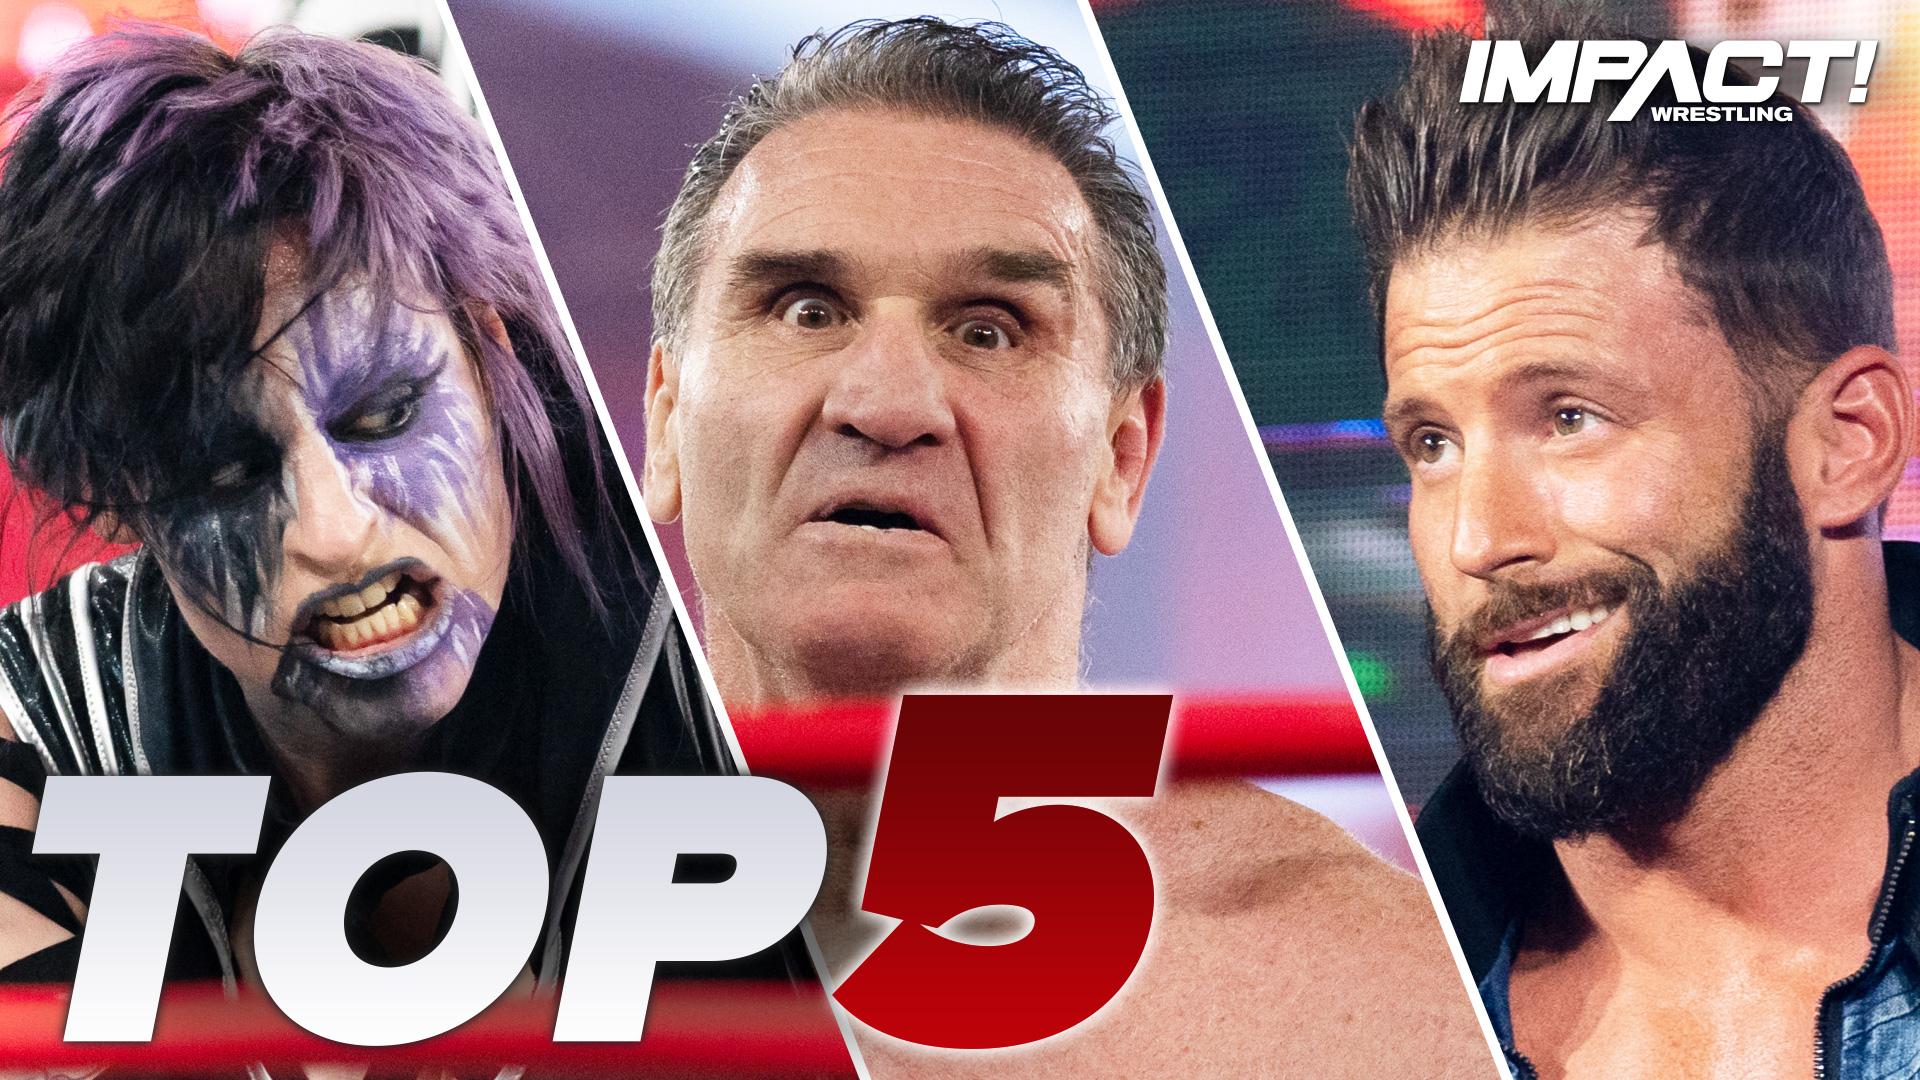 IMPACT! January 26, 2021 – IMPACT Wrestling